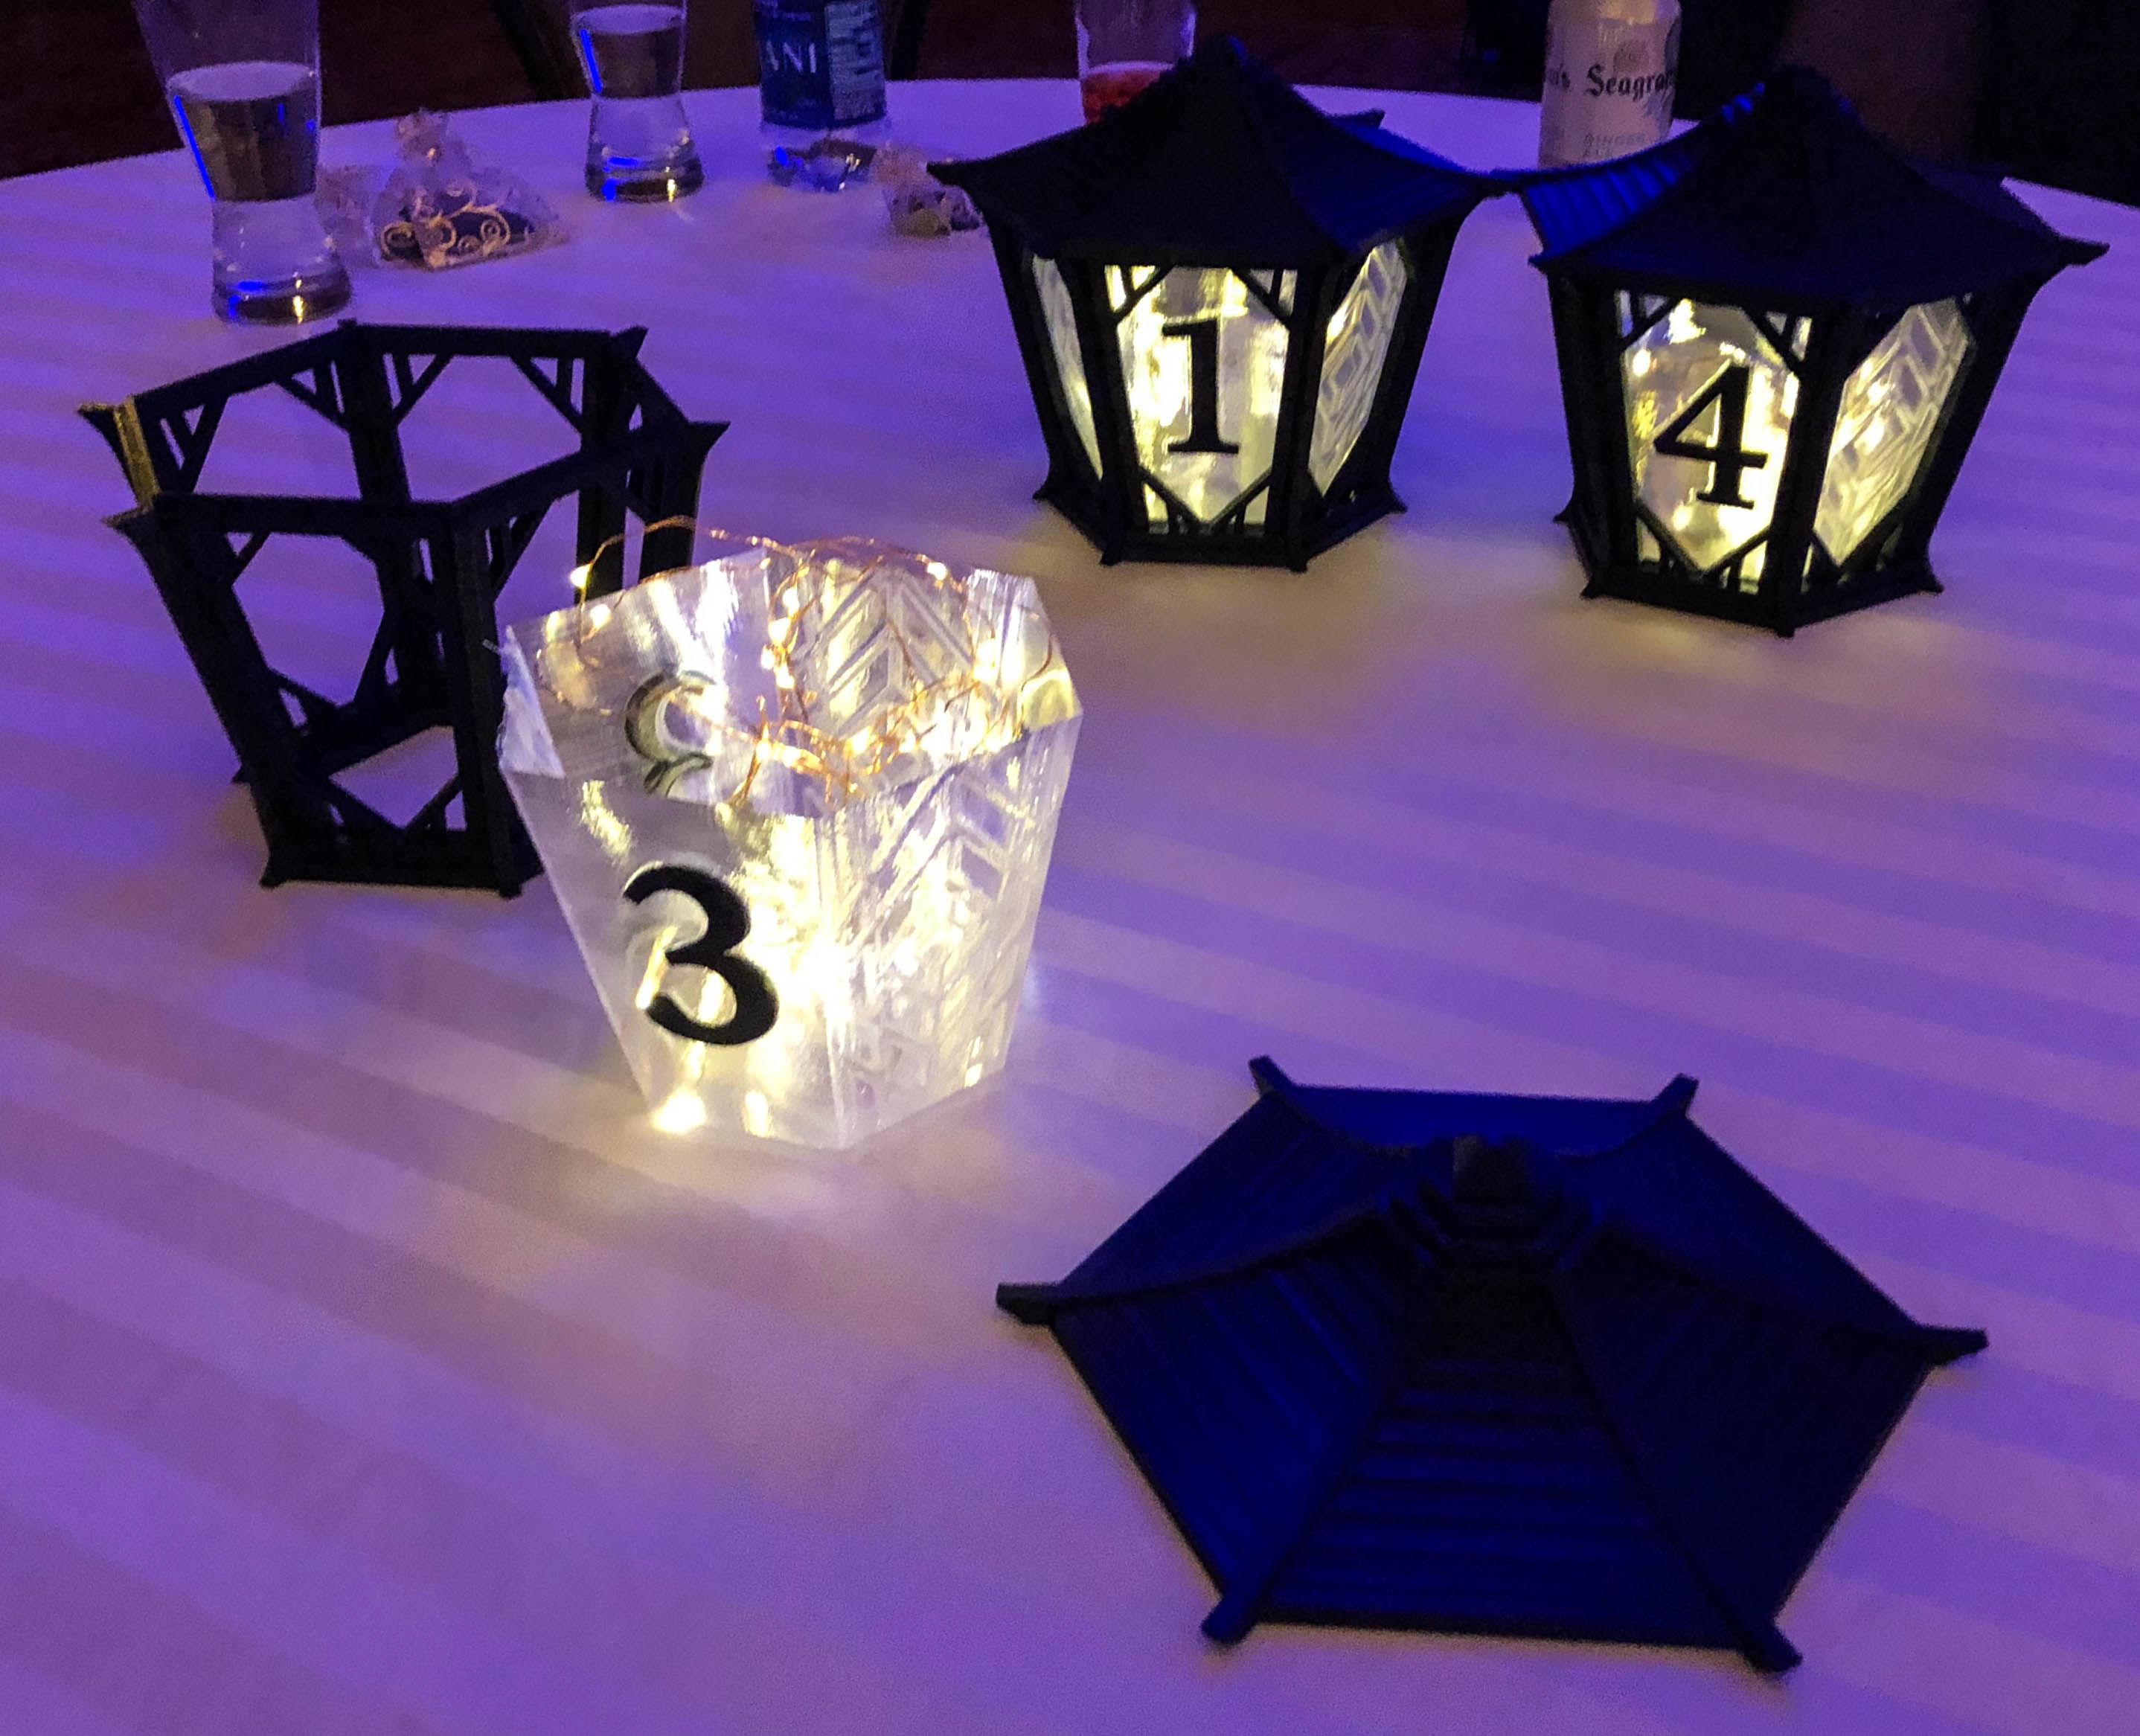 Lantern-3-3500-3500